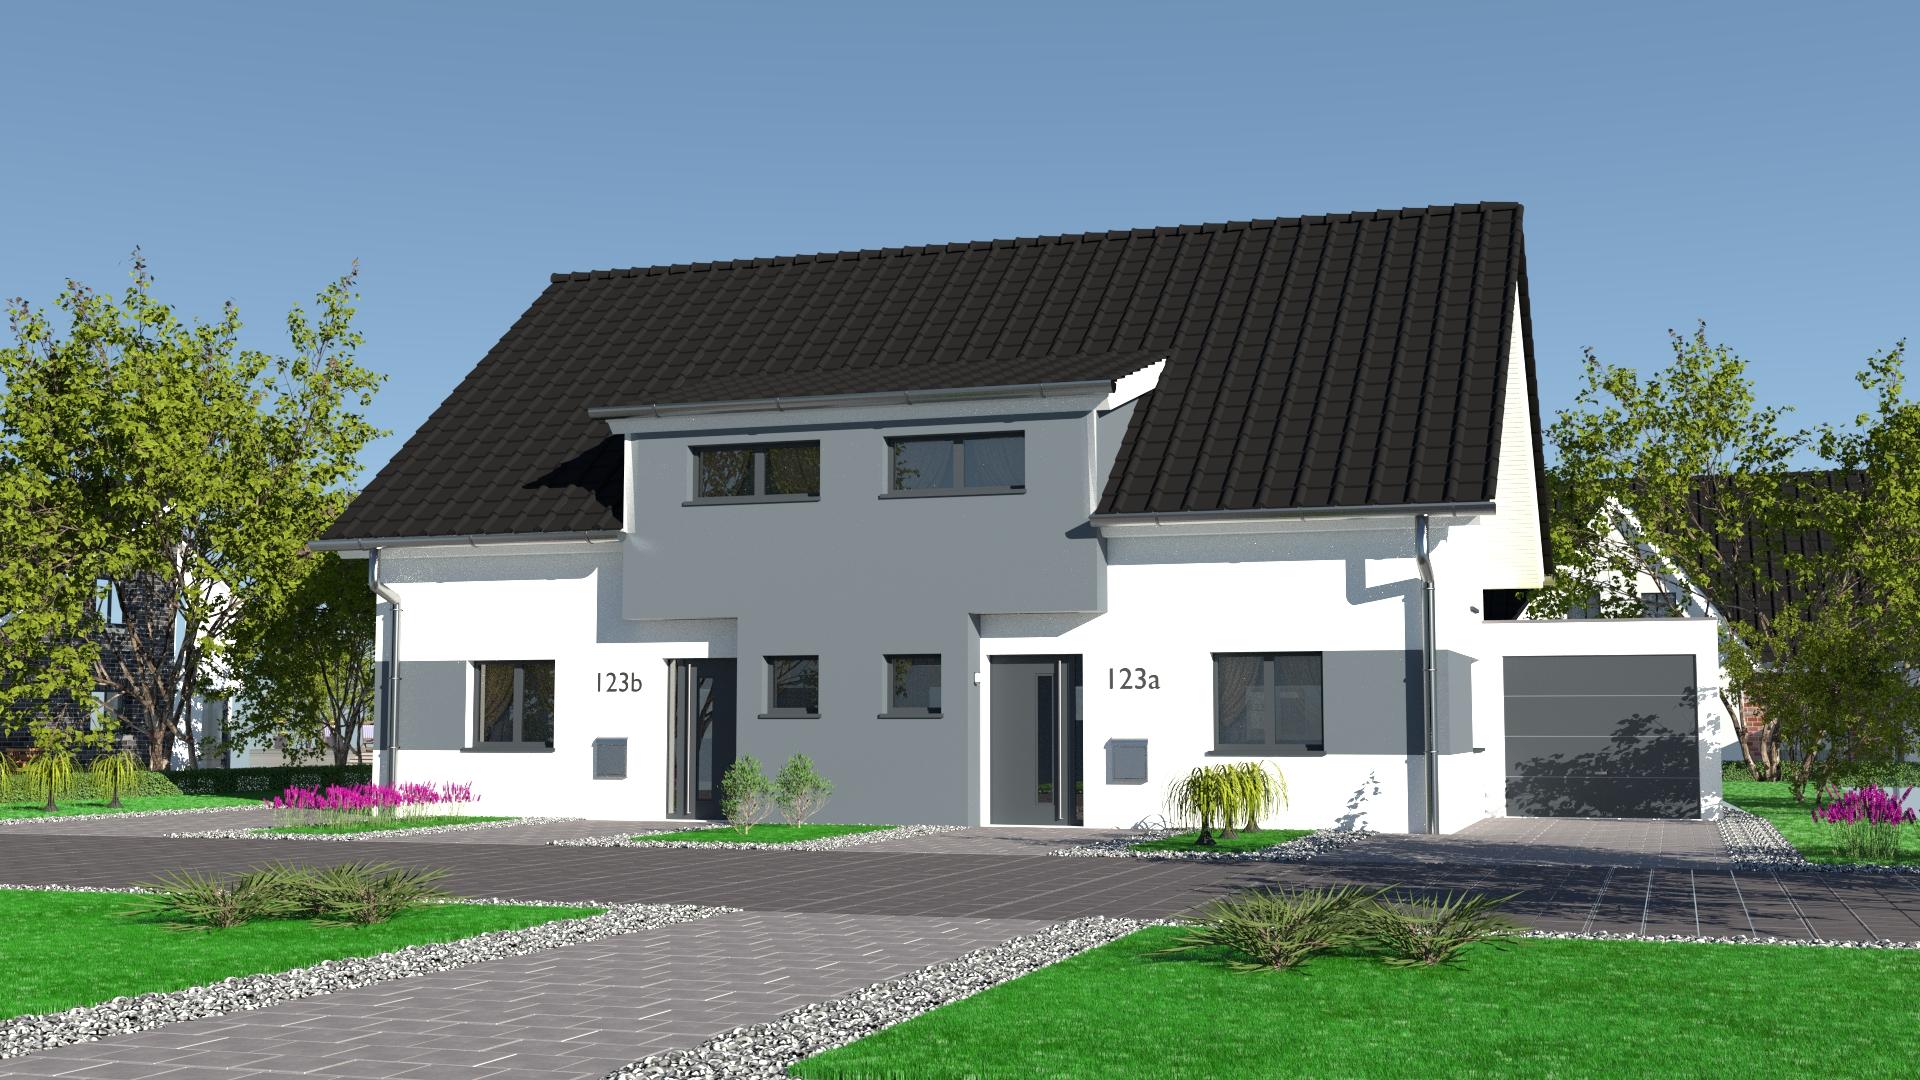 Style 123 bsa wohbau for Doppelhaus modern